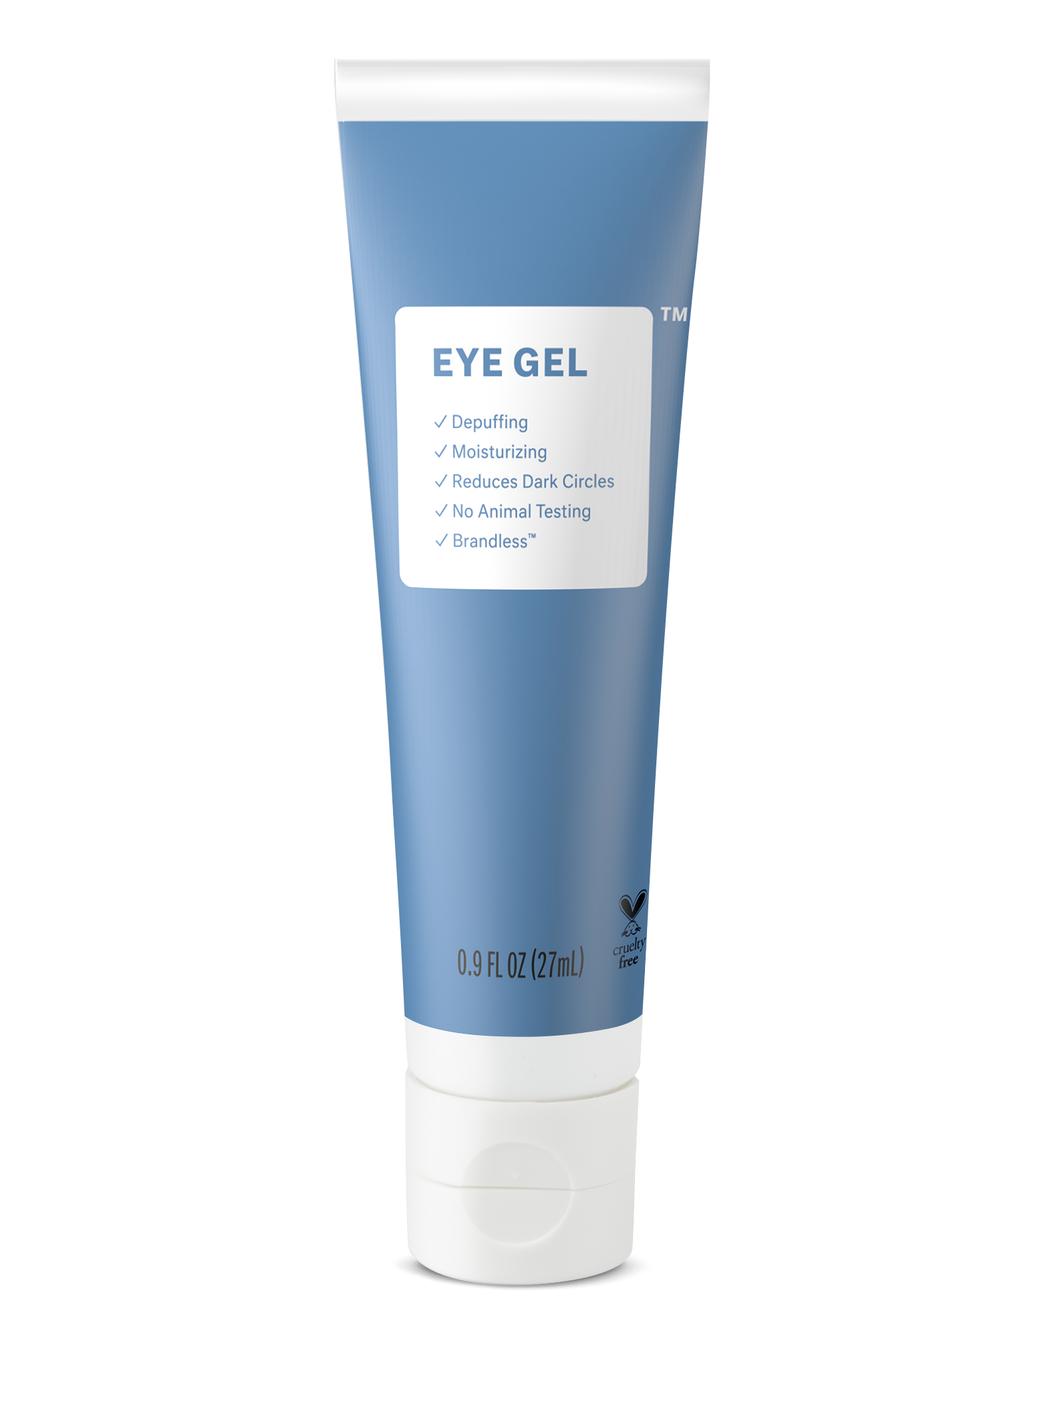 brandless-eye-gel-e1556053291655.png